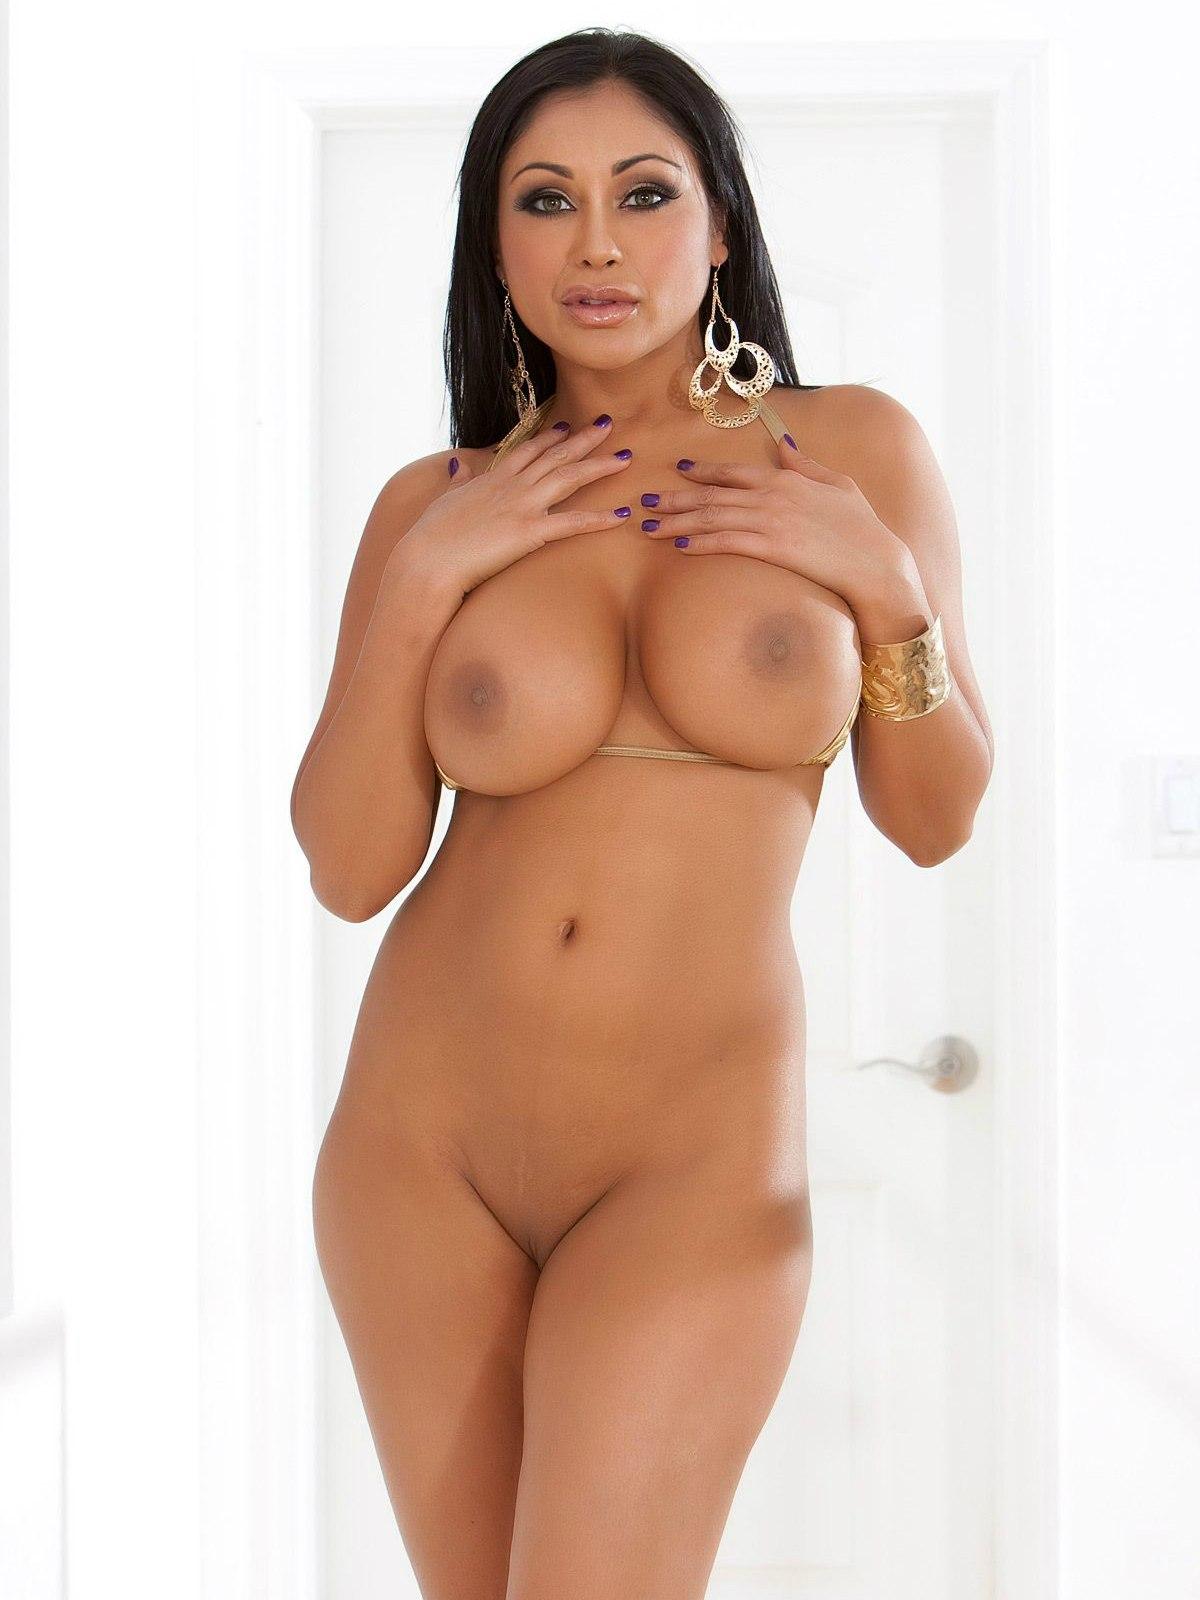 Порно актриса приа рэй все фото фото 647-145